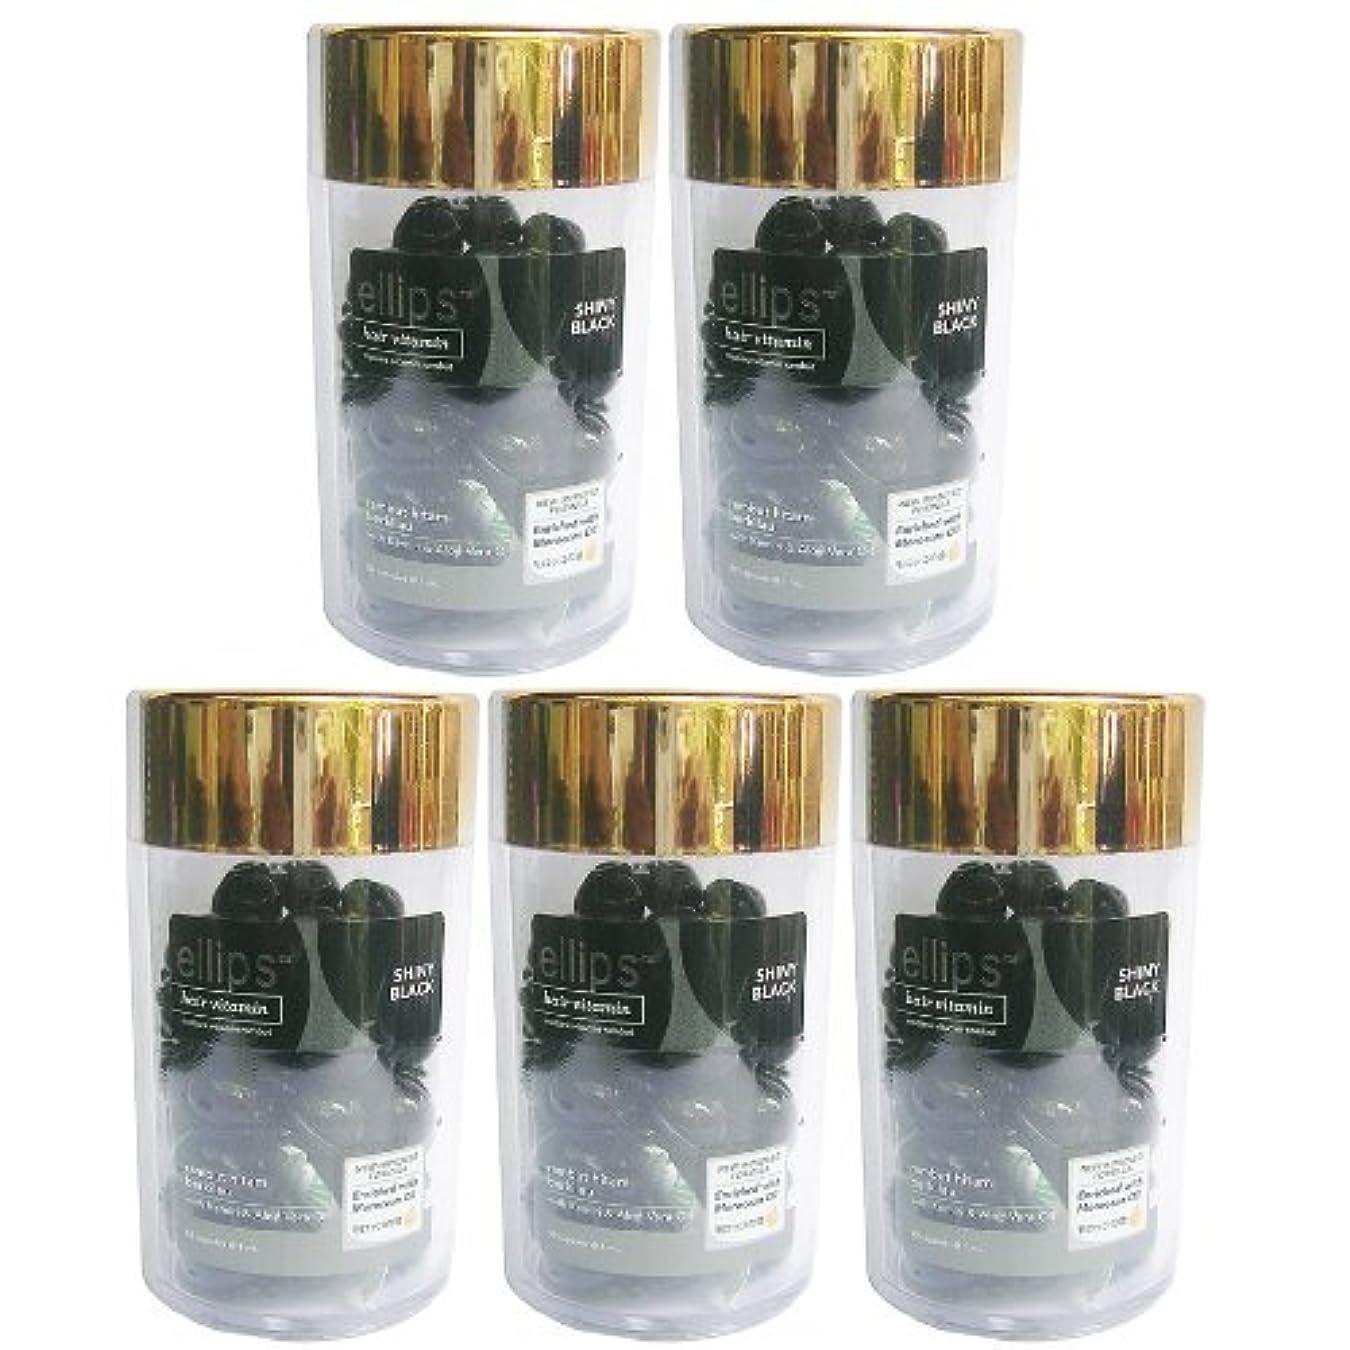 連帯貧しいハングエリップスellipsヘアビタミン洗い流さないヘアトリートメント50粒入ボトル5本組(海外直送品)(並行輸入品) (黒5本)